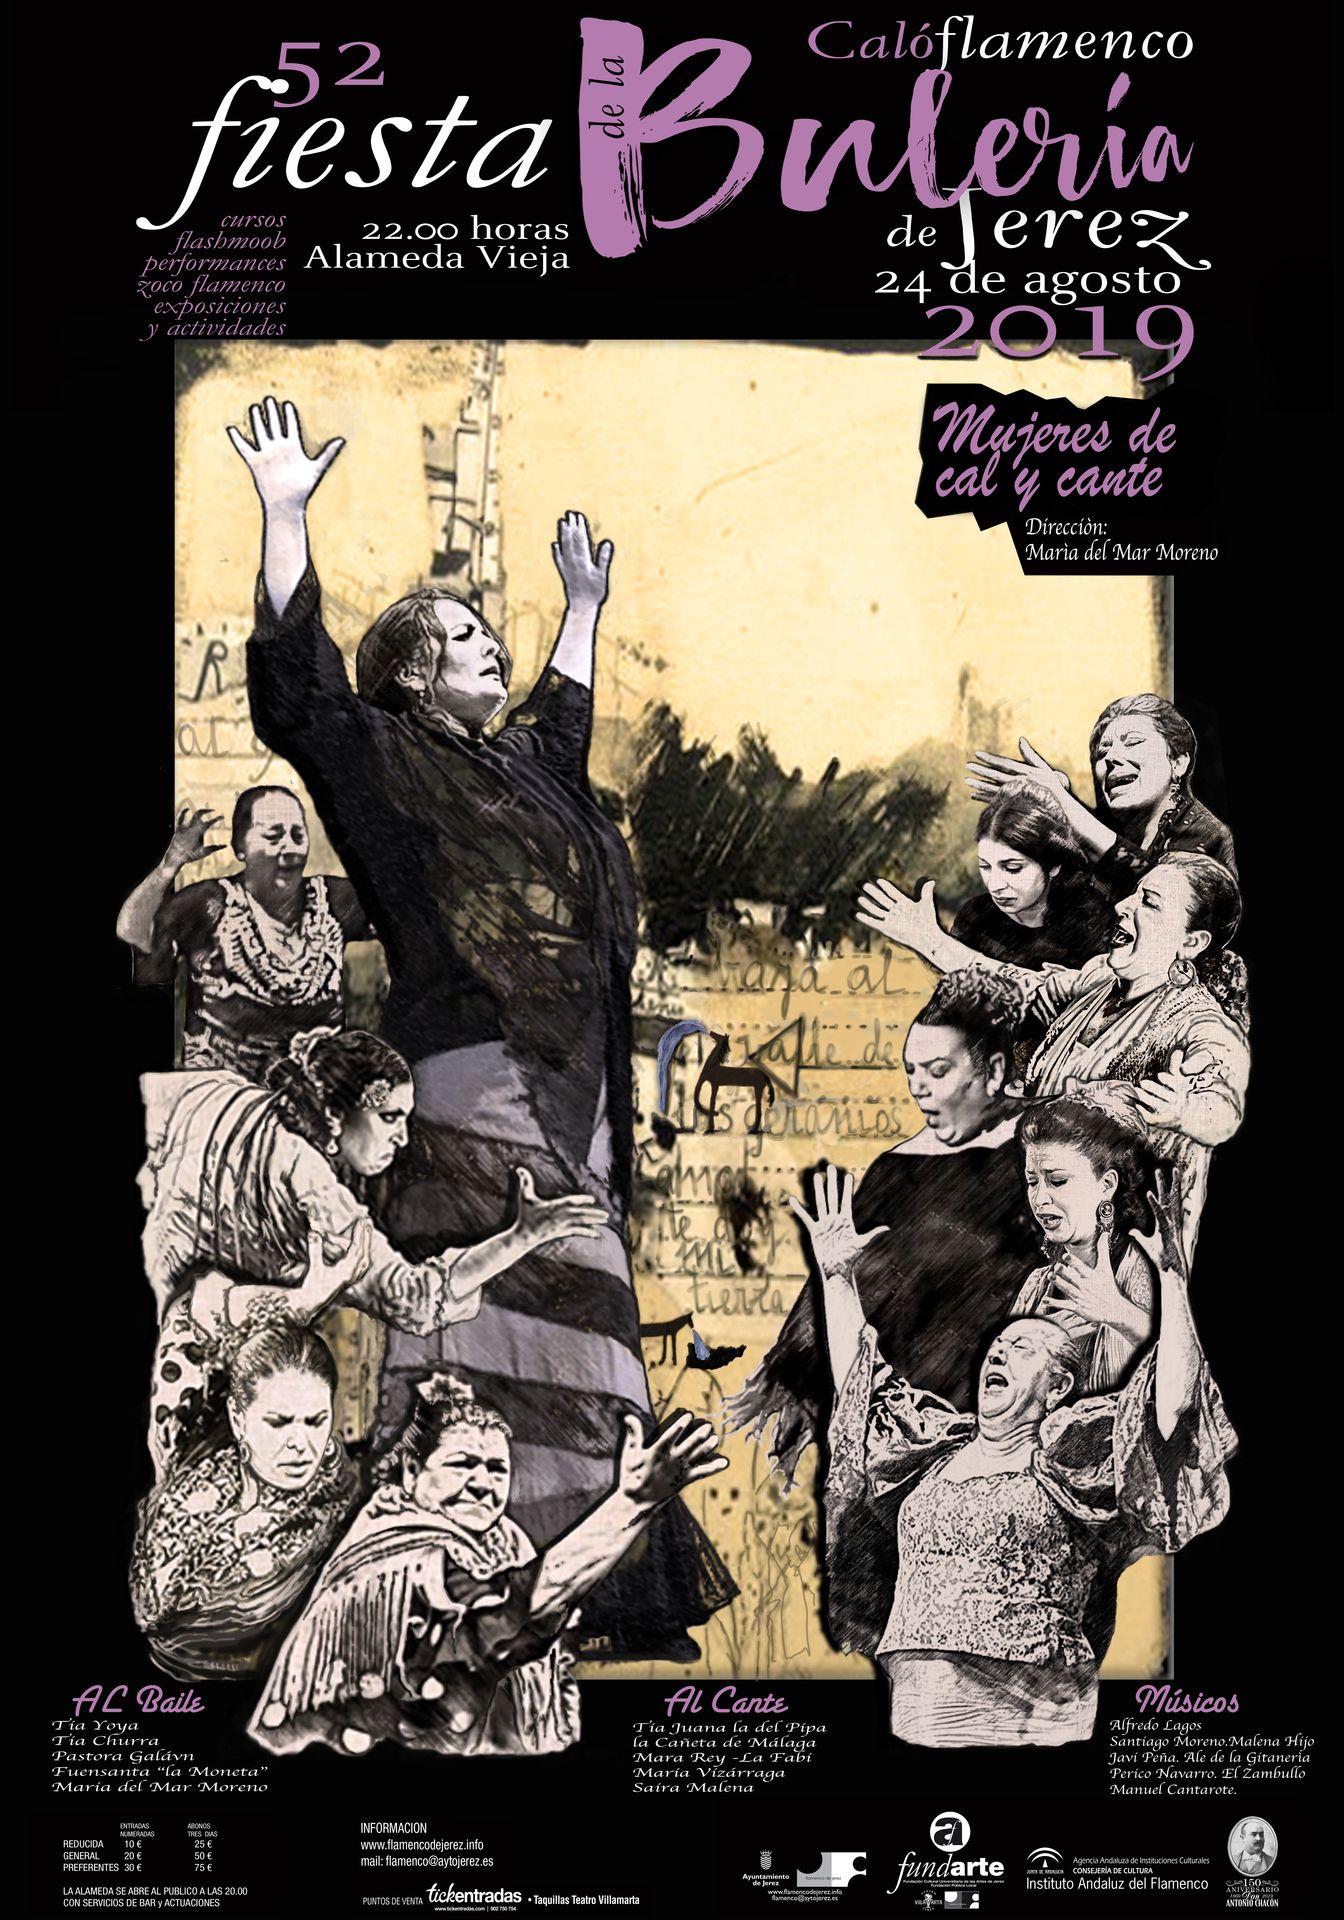 Cartel Mujeres de cal y cante Fiesta de la Bulería